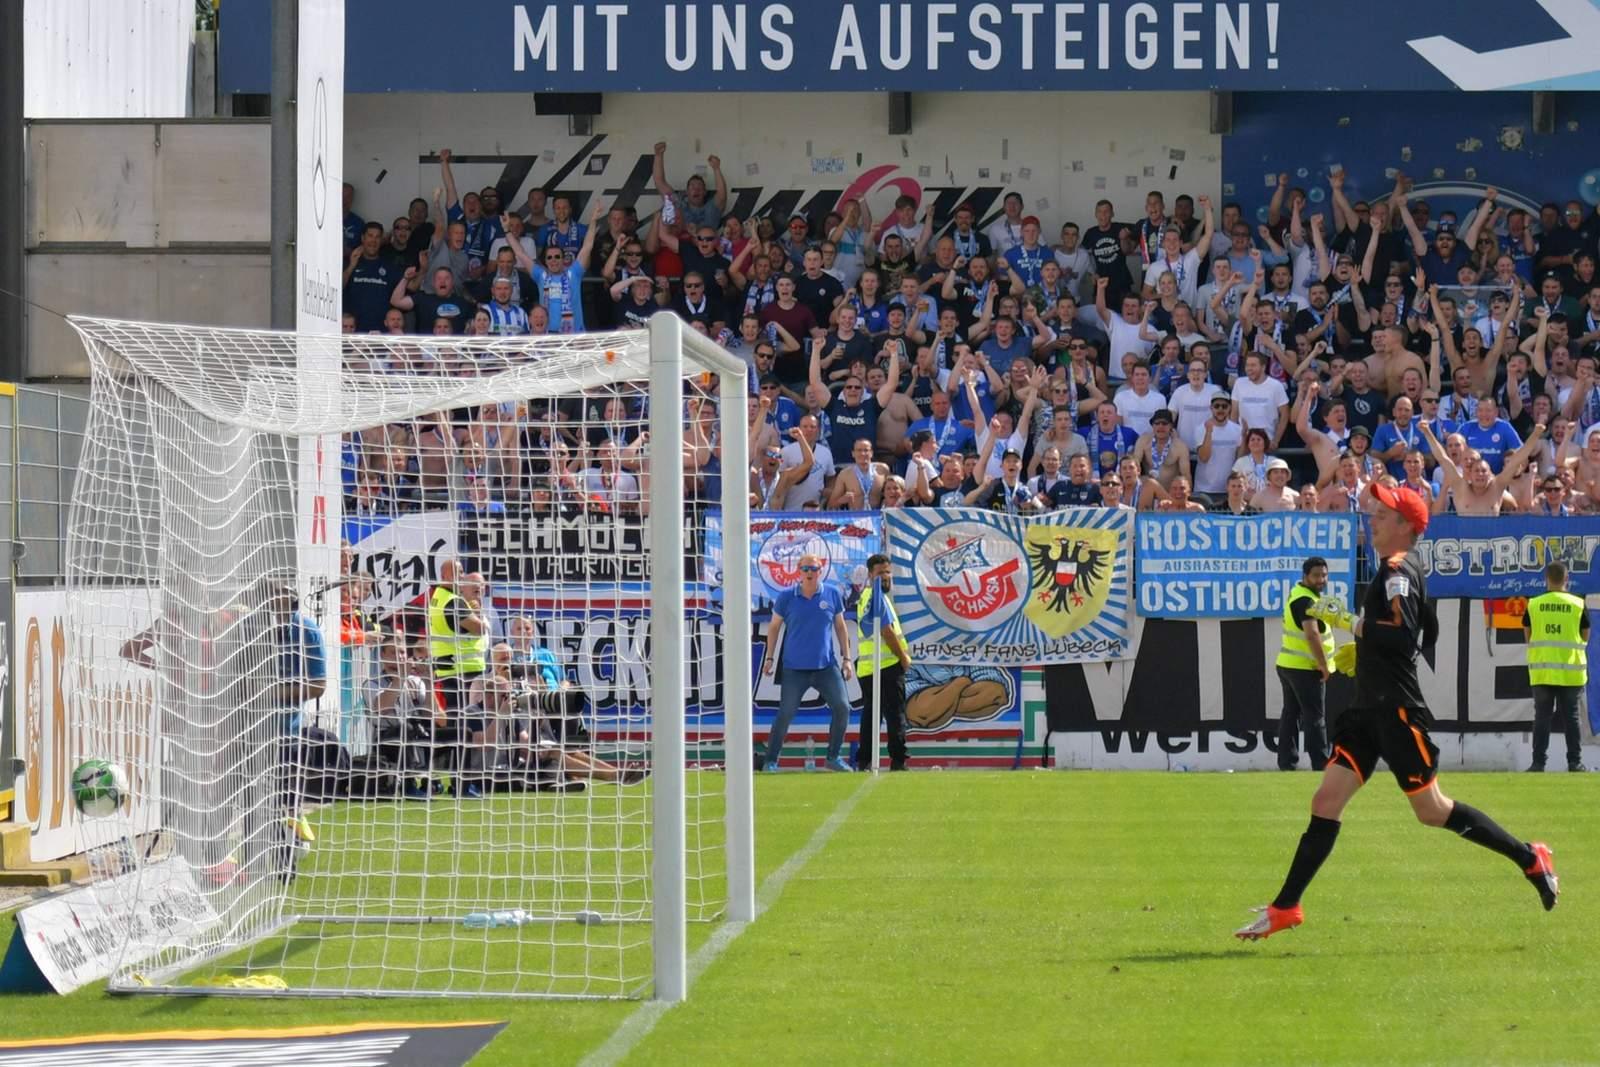 Bryan Henning von Hansa Rostock mit Tor von der Mittellinie gegen Lotte